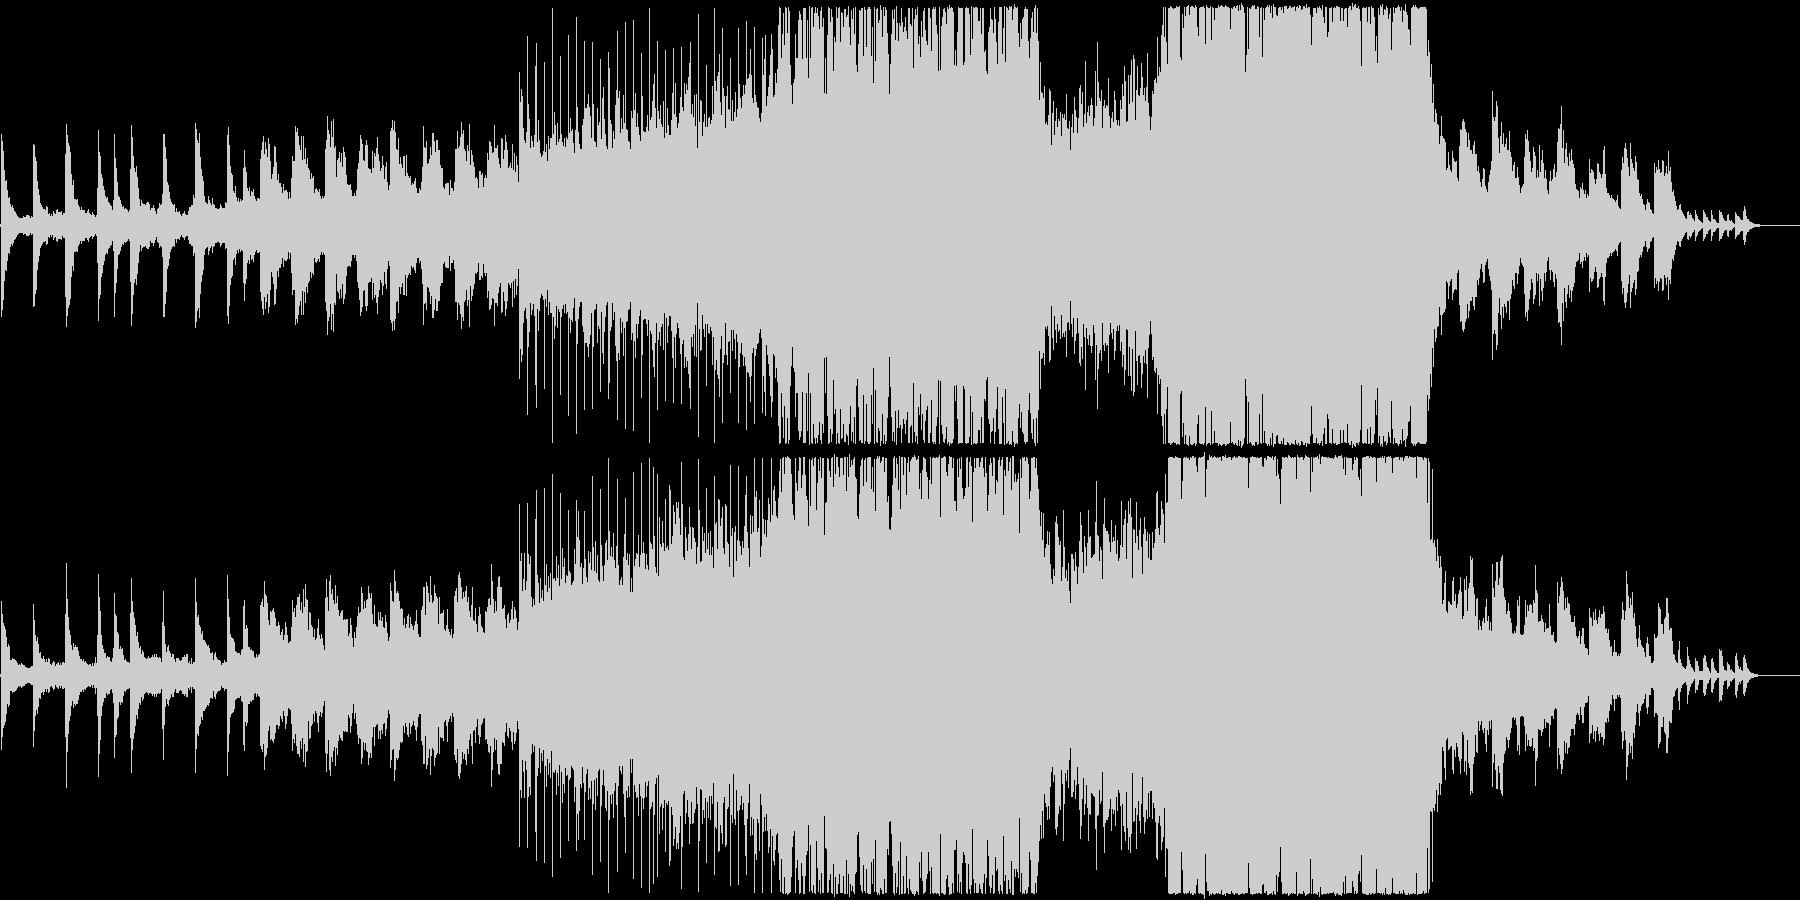 鮮やかで感動的な映像、CMにの未再生の波形